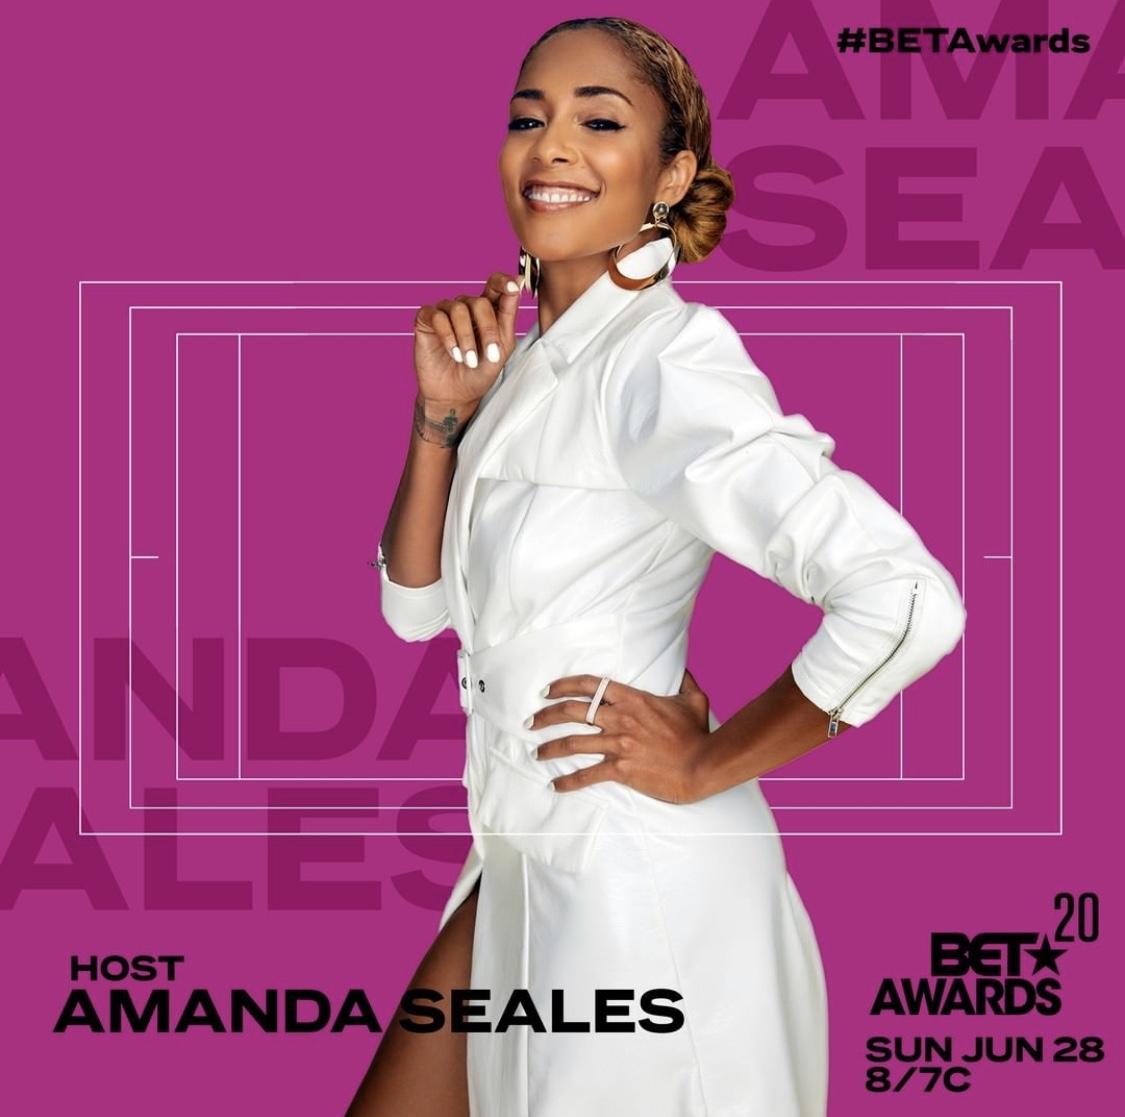 Amanda-Seales-weddenskap-toekennings-2020-benoemings